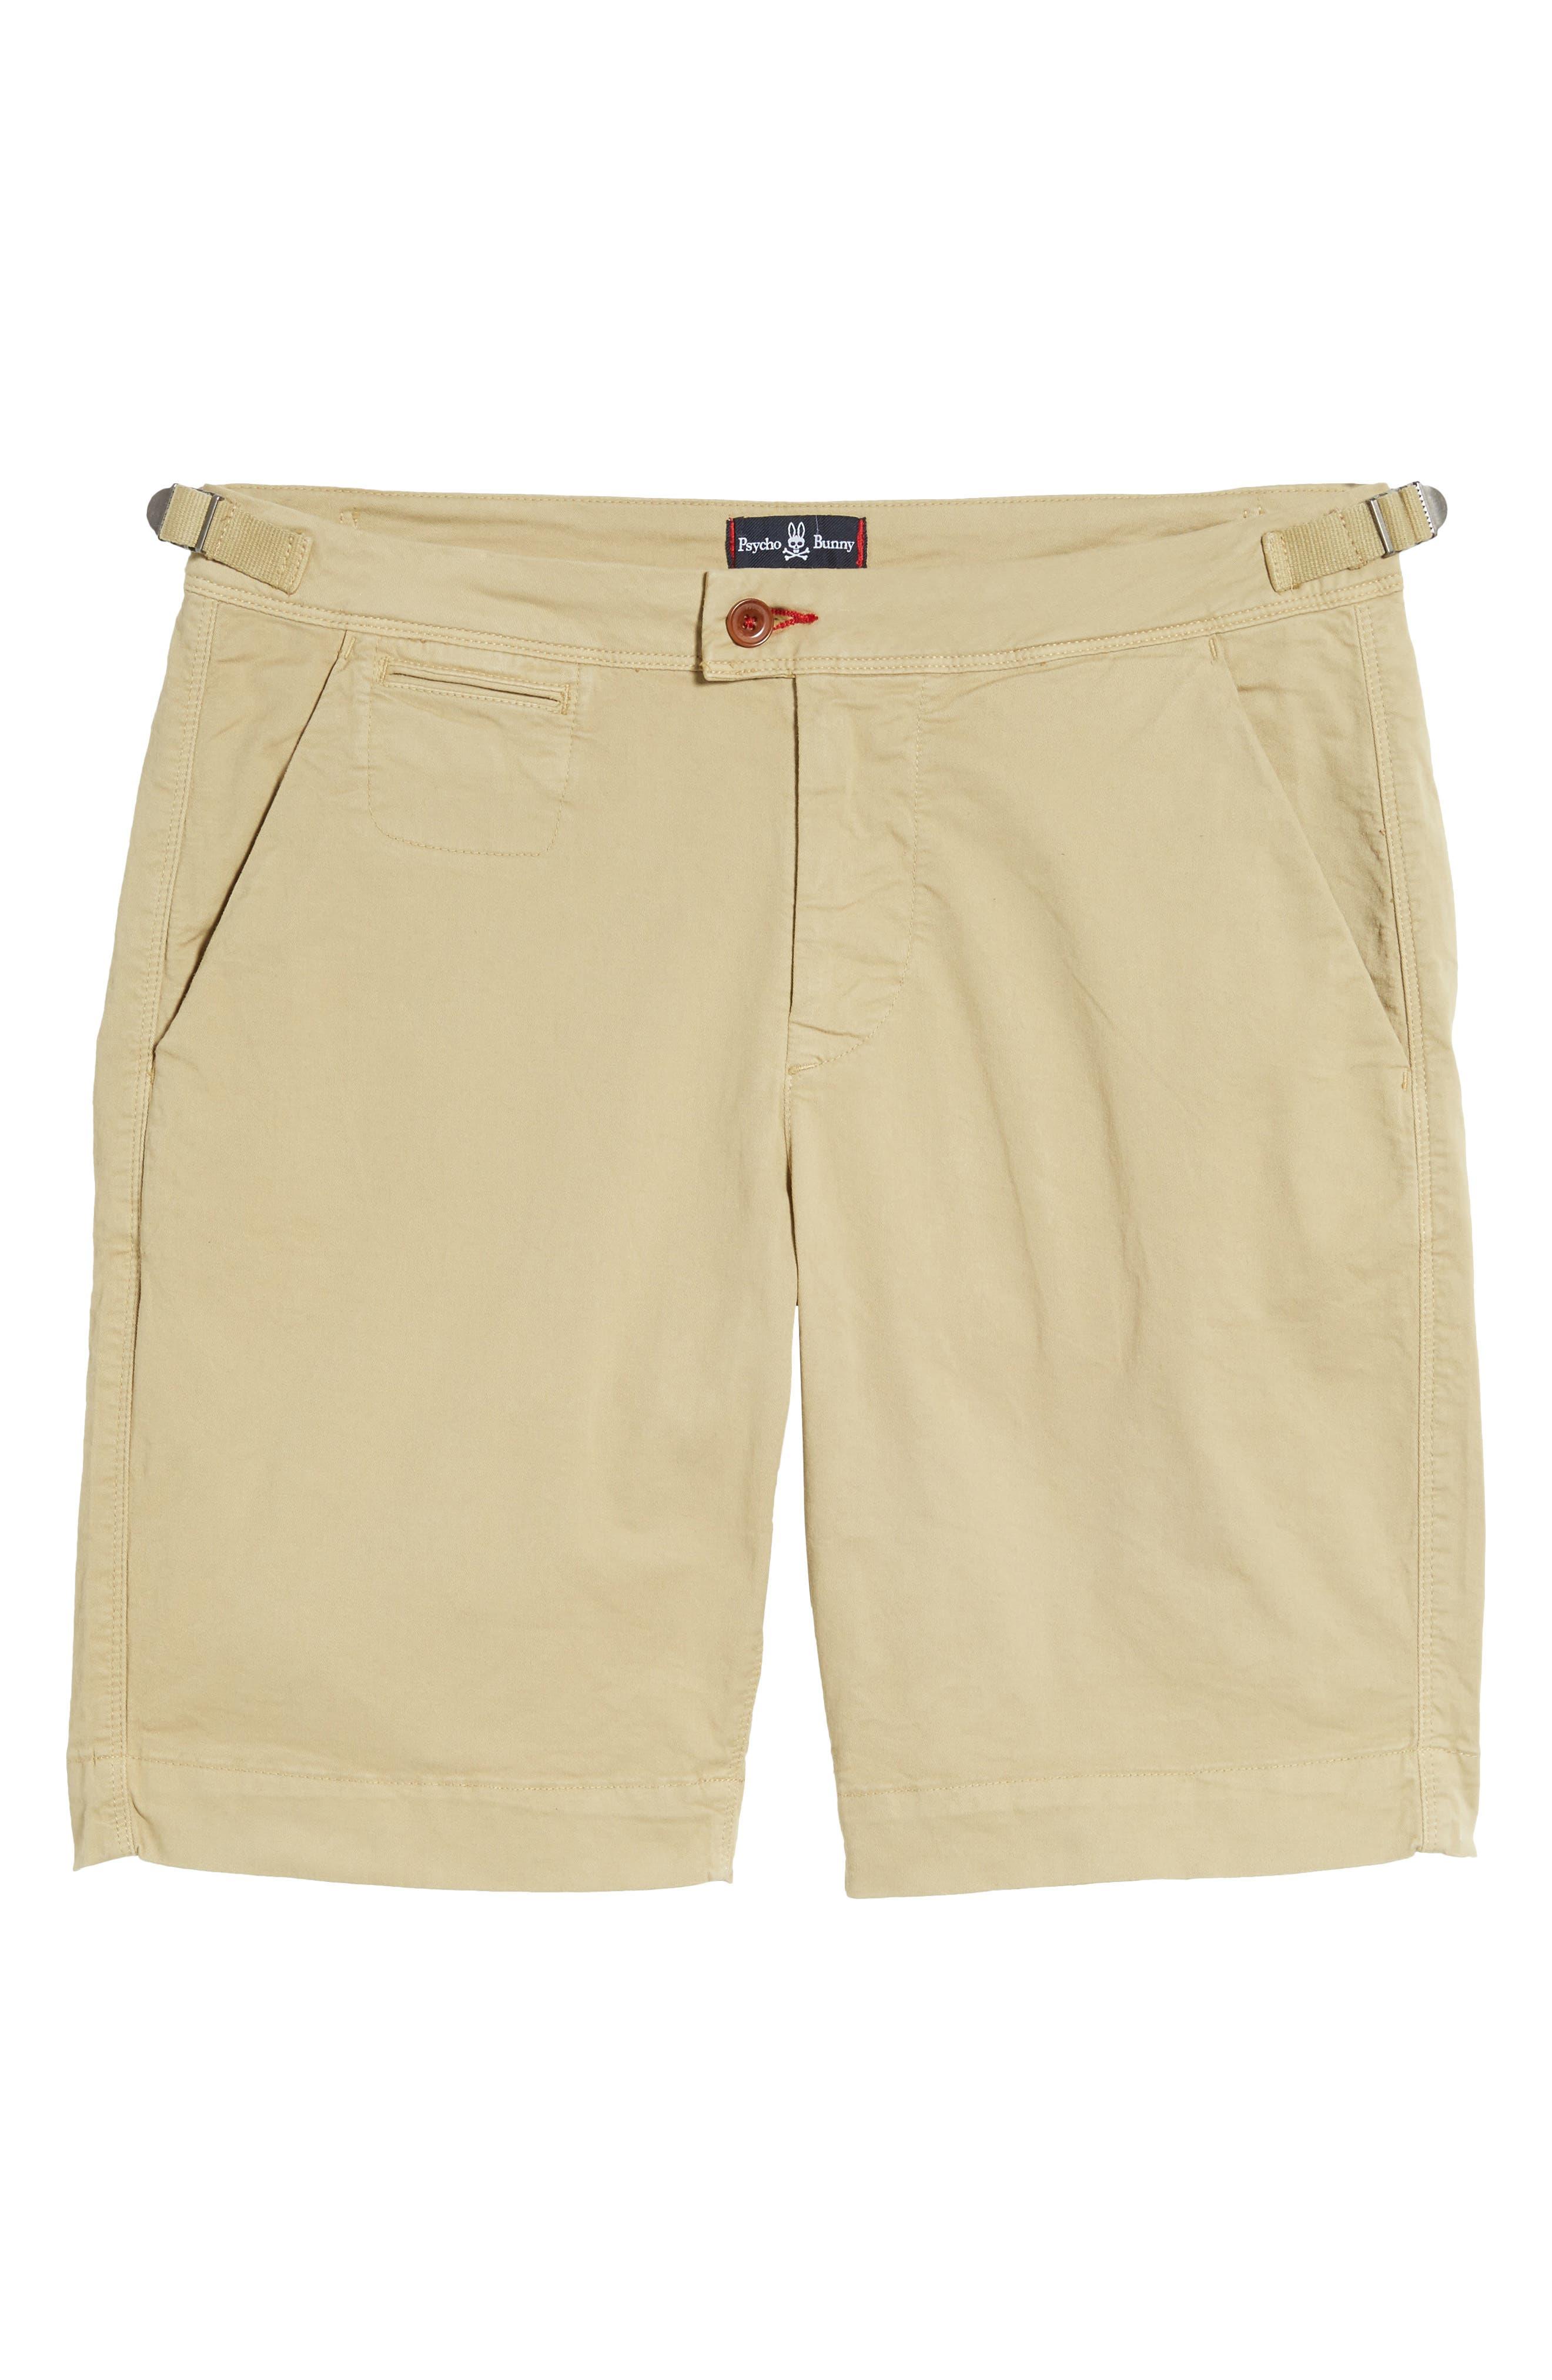 Triumph Shorts,                             Alternate thumbnail 69, color,